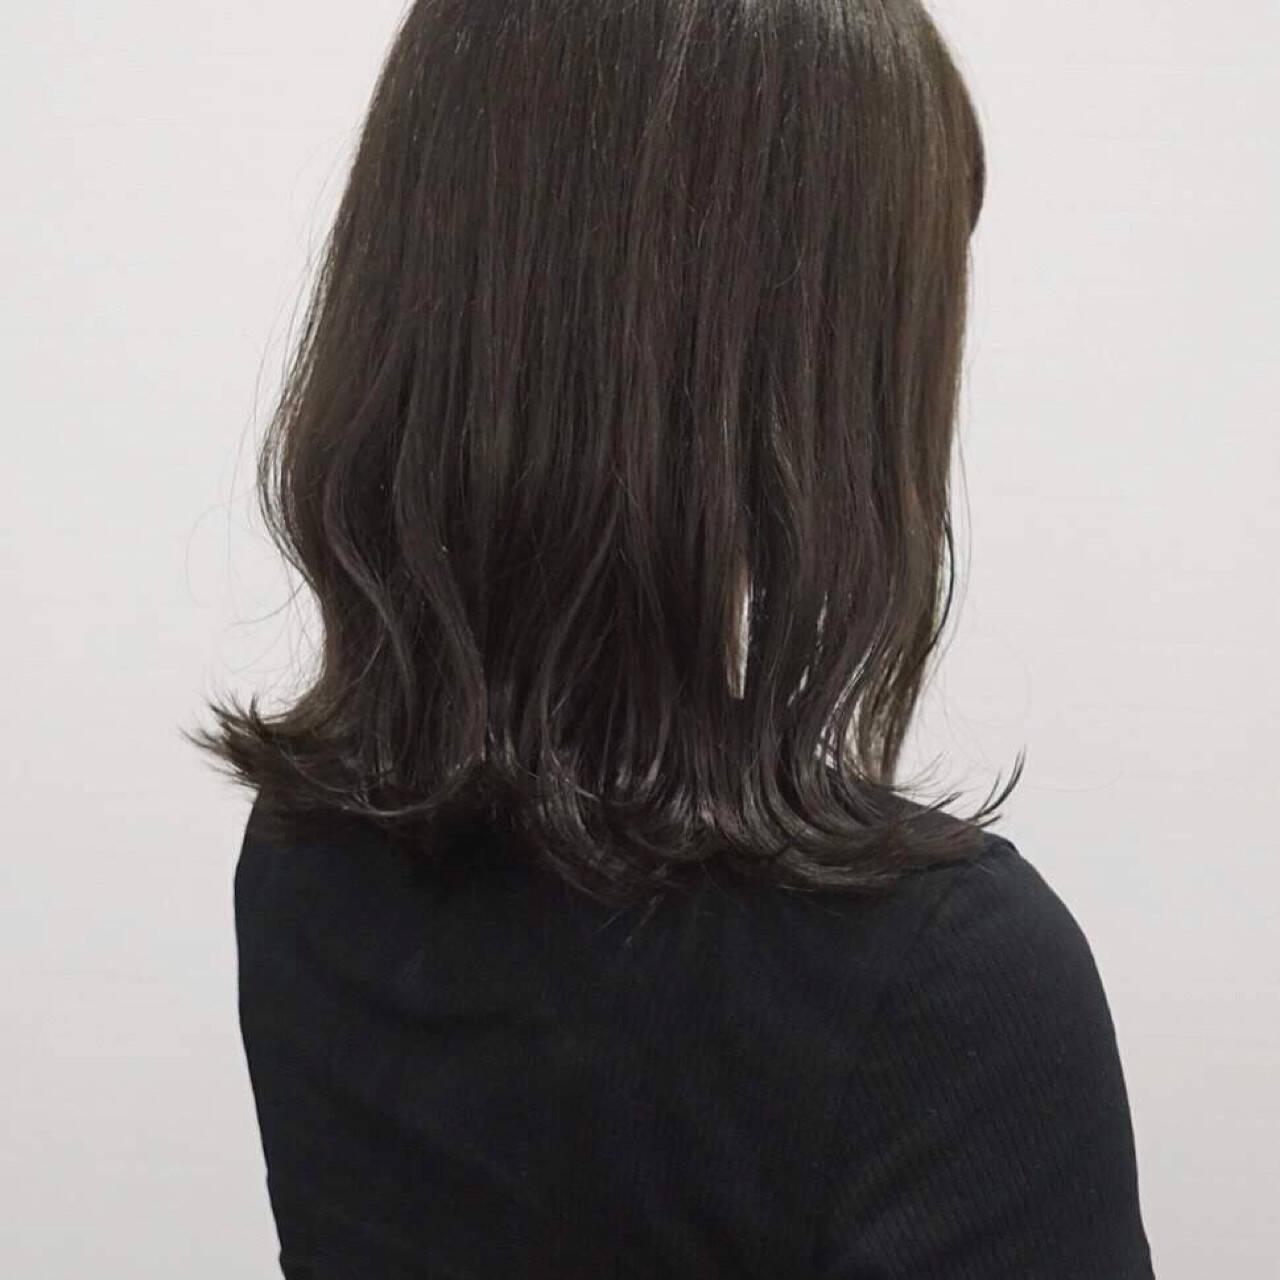 ミディアム 切りっぱなし グレージュ ロブヘアスタイルや髪型の写真・画像